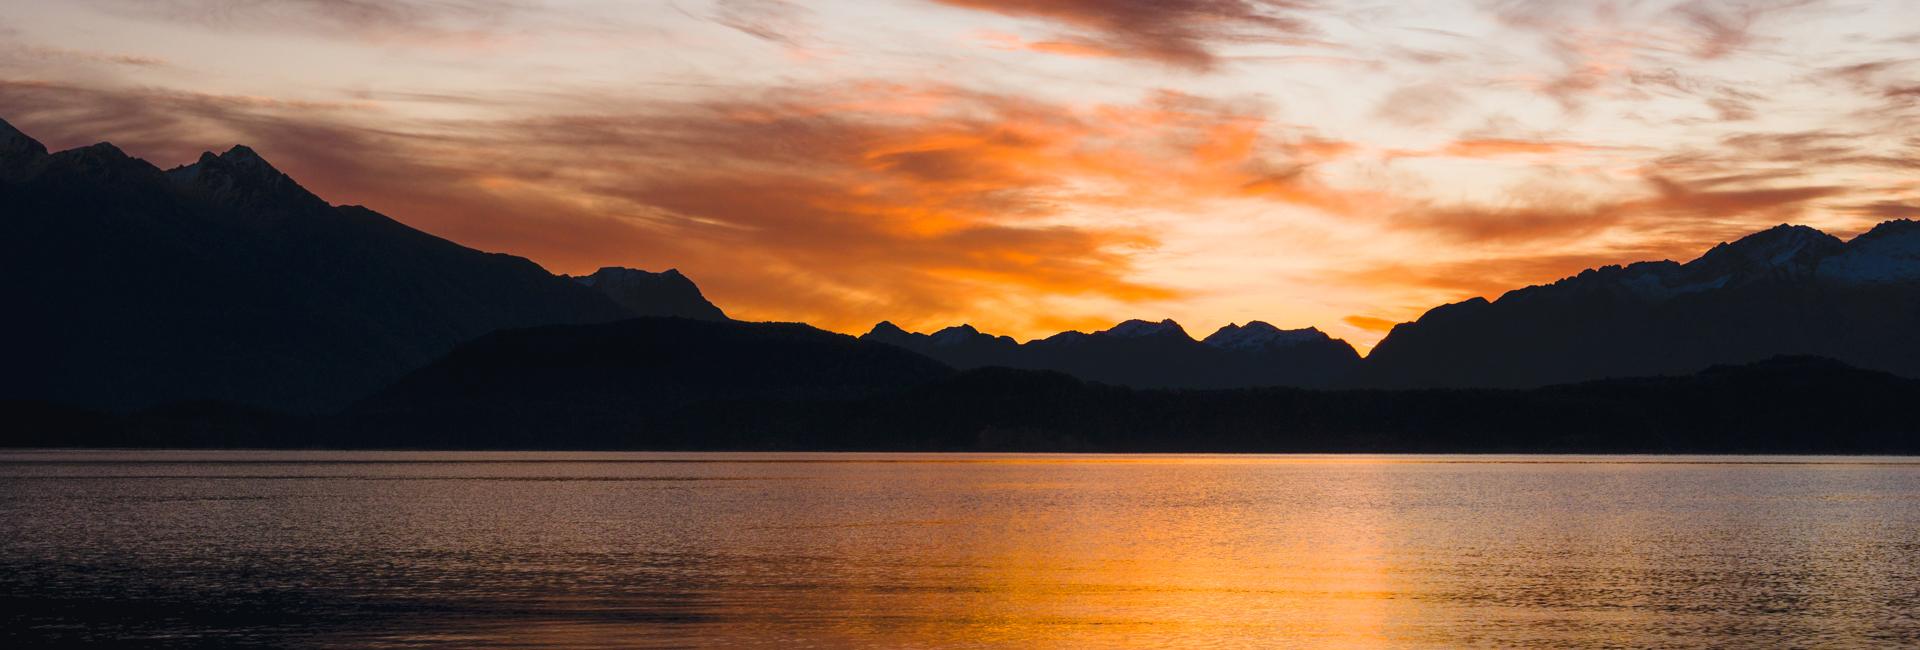 Te Anau and Manapouri: Gateways to Fiordland National Park